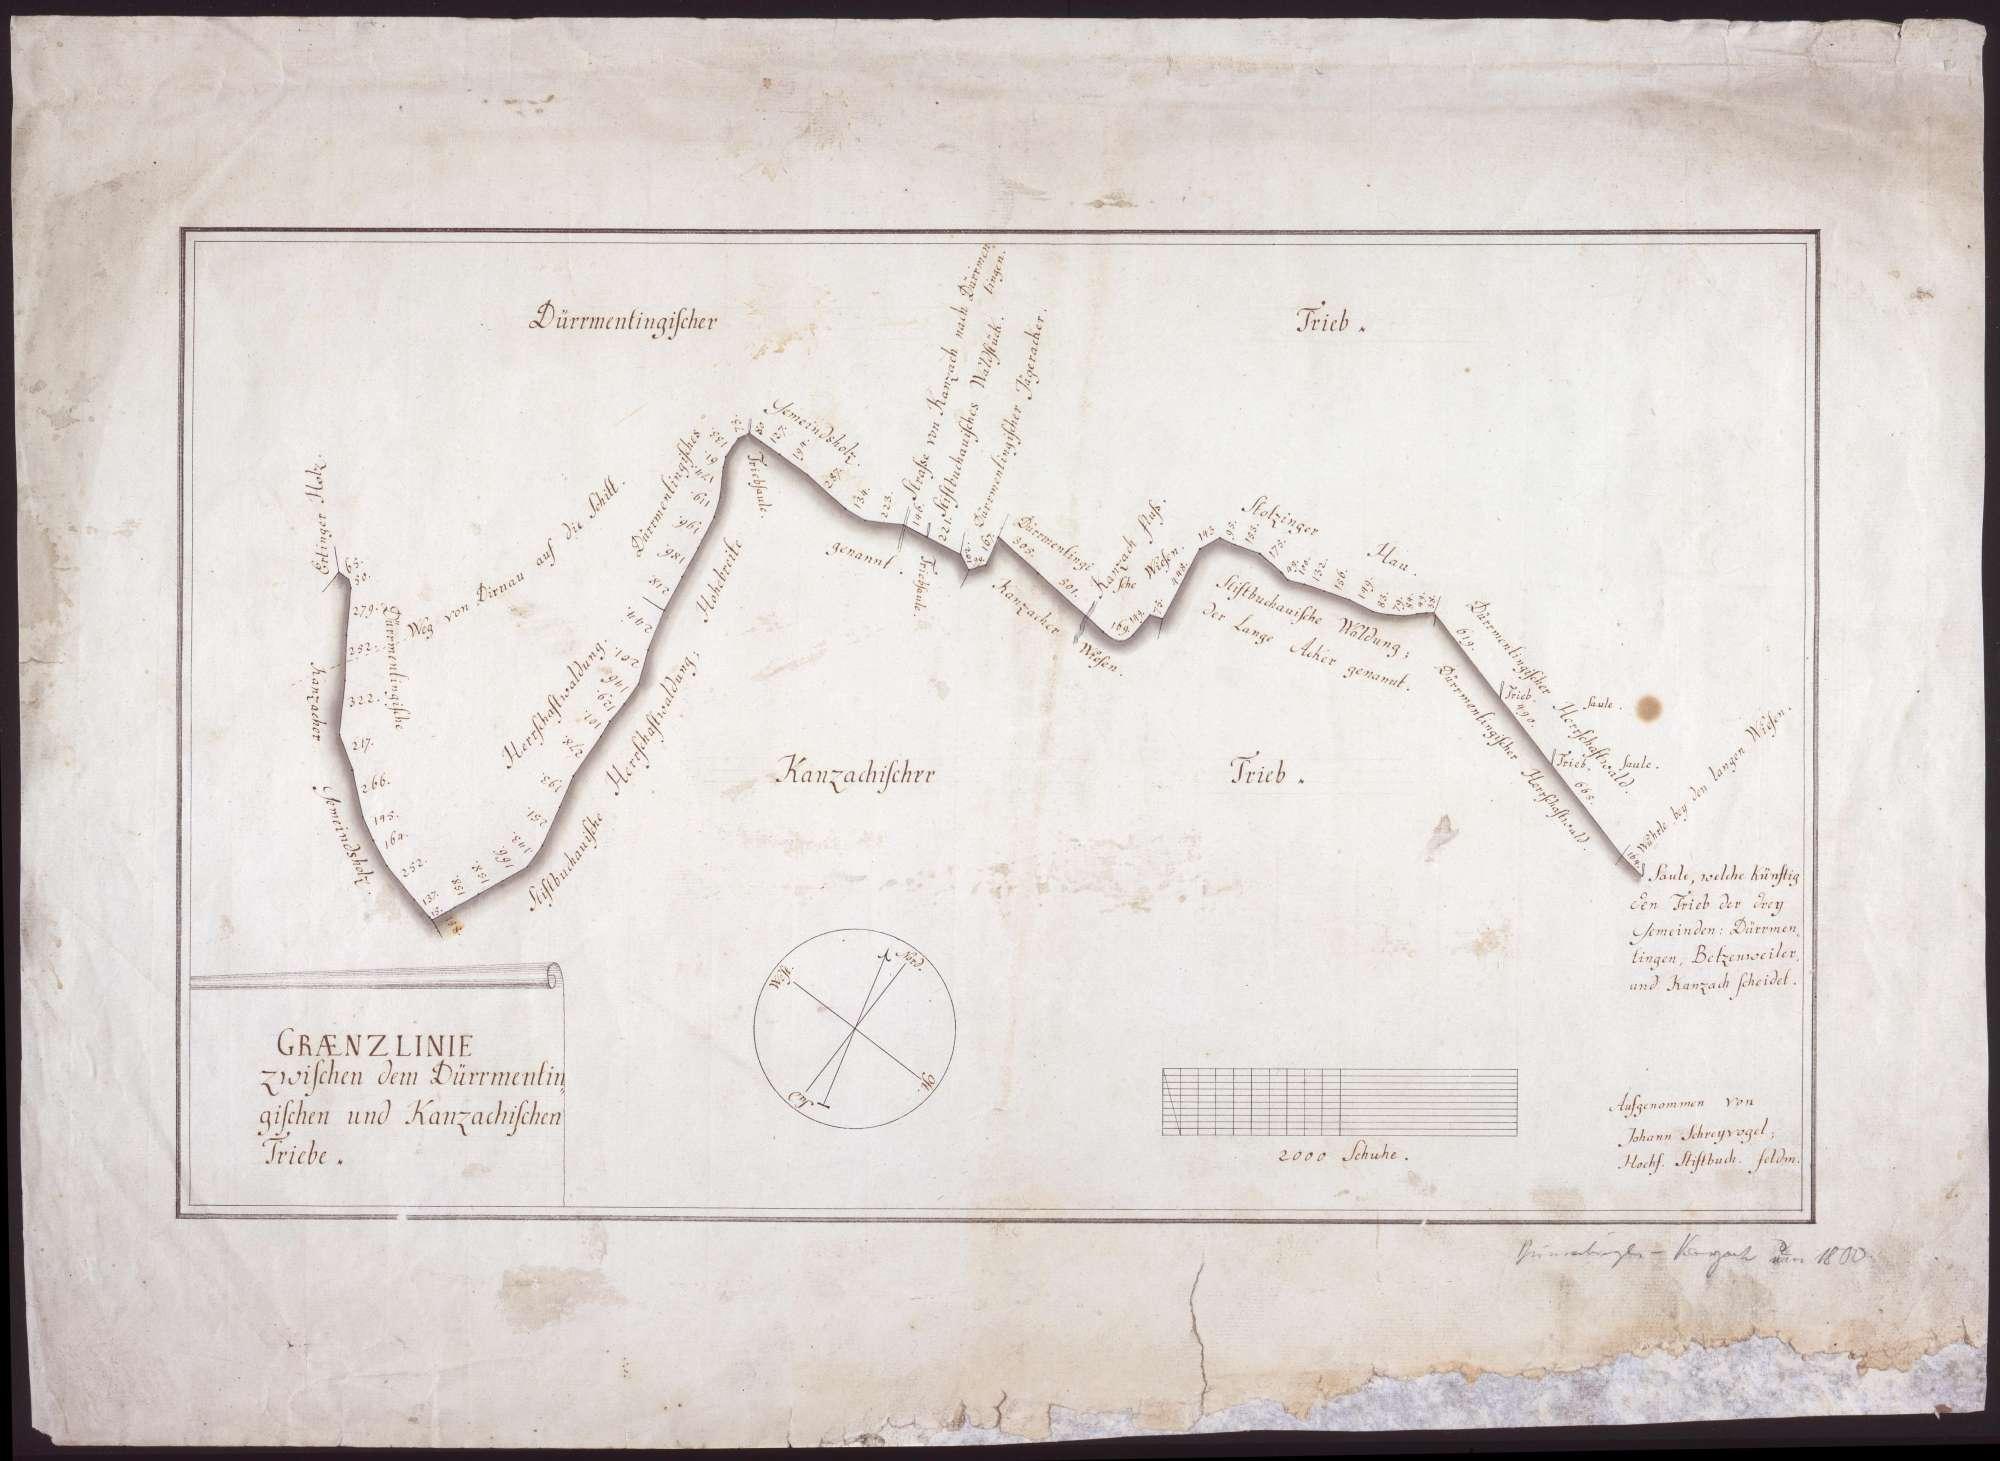 Grenzlinie zwischen dem Dürmentingischen und dem Kanzachischen Trieb Maßstab ca. 1 : 5000 Zeichner: Johann Schreyvogel col. handgez., Bild 1